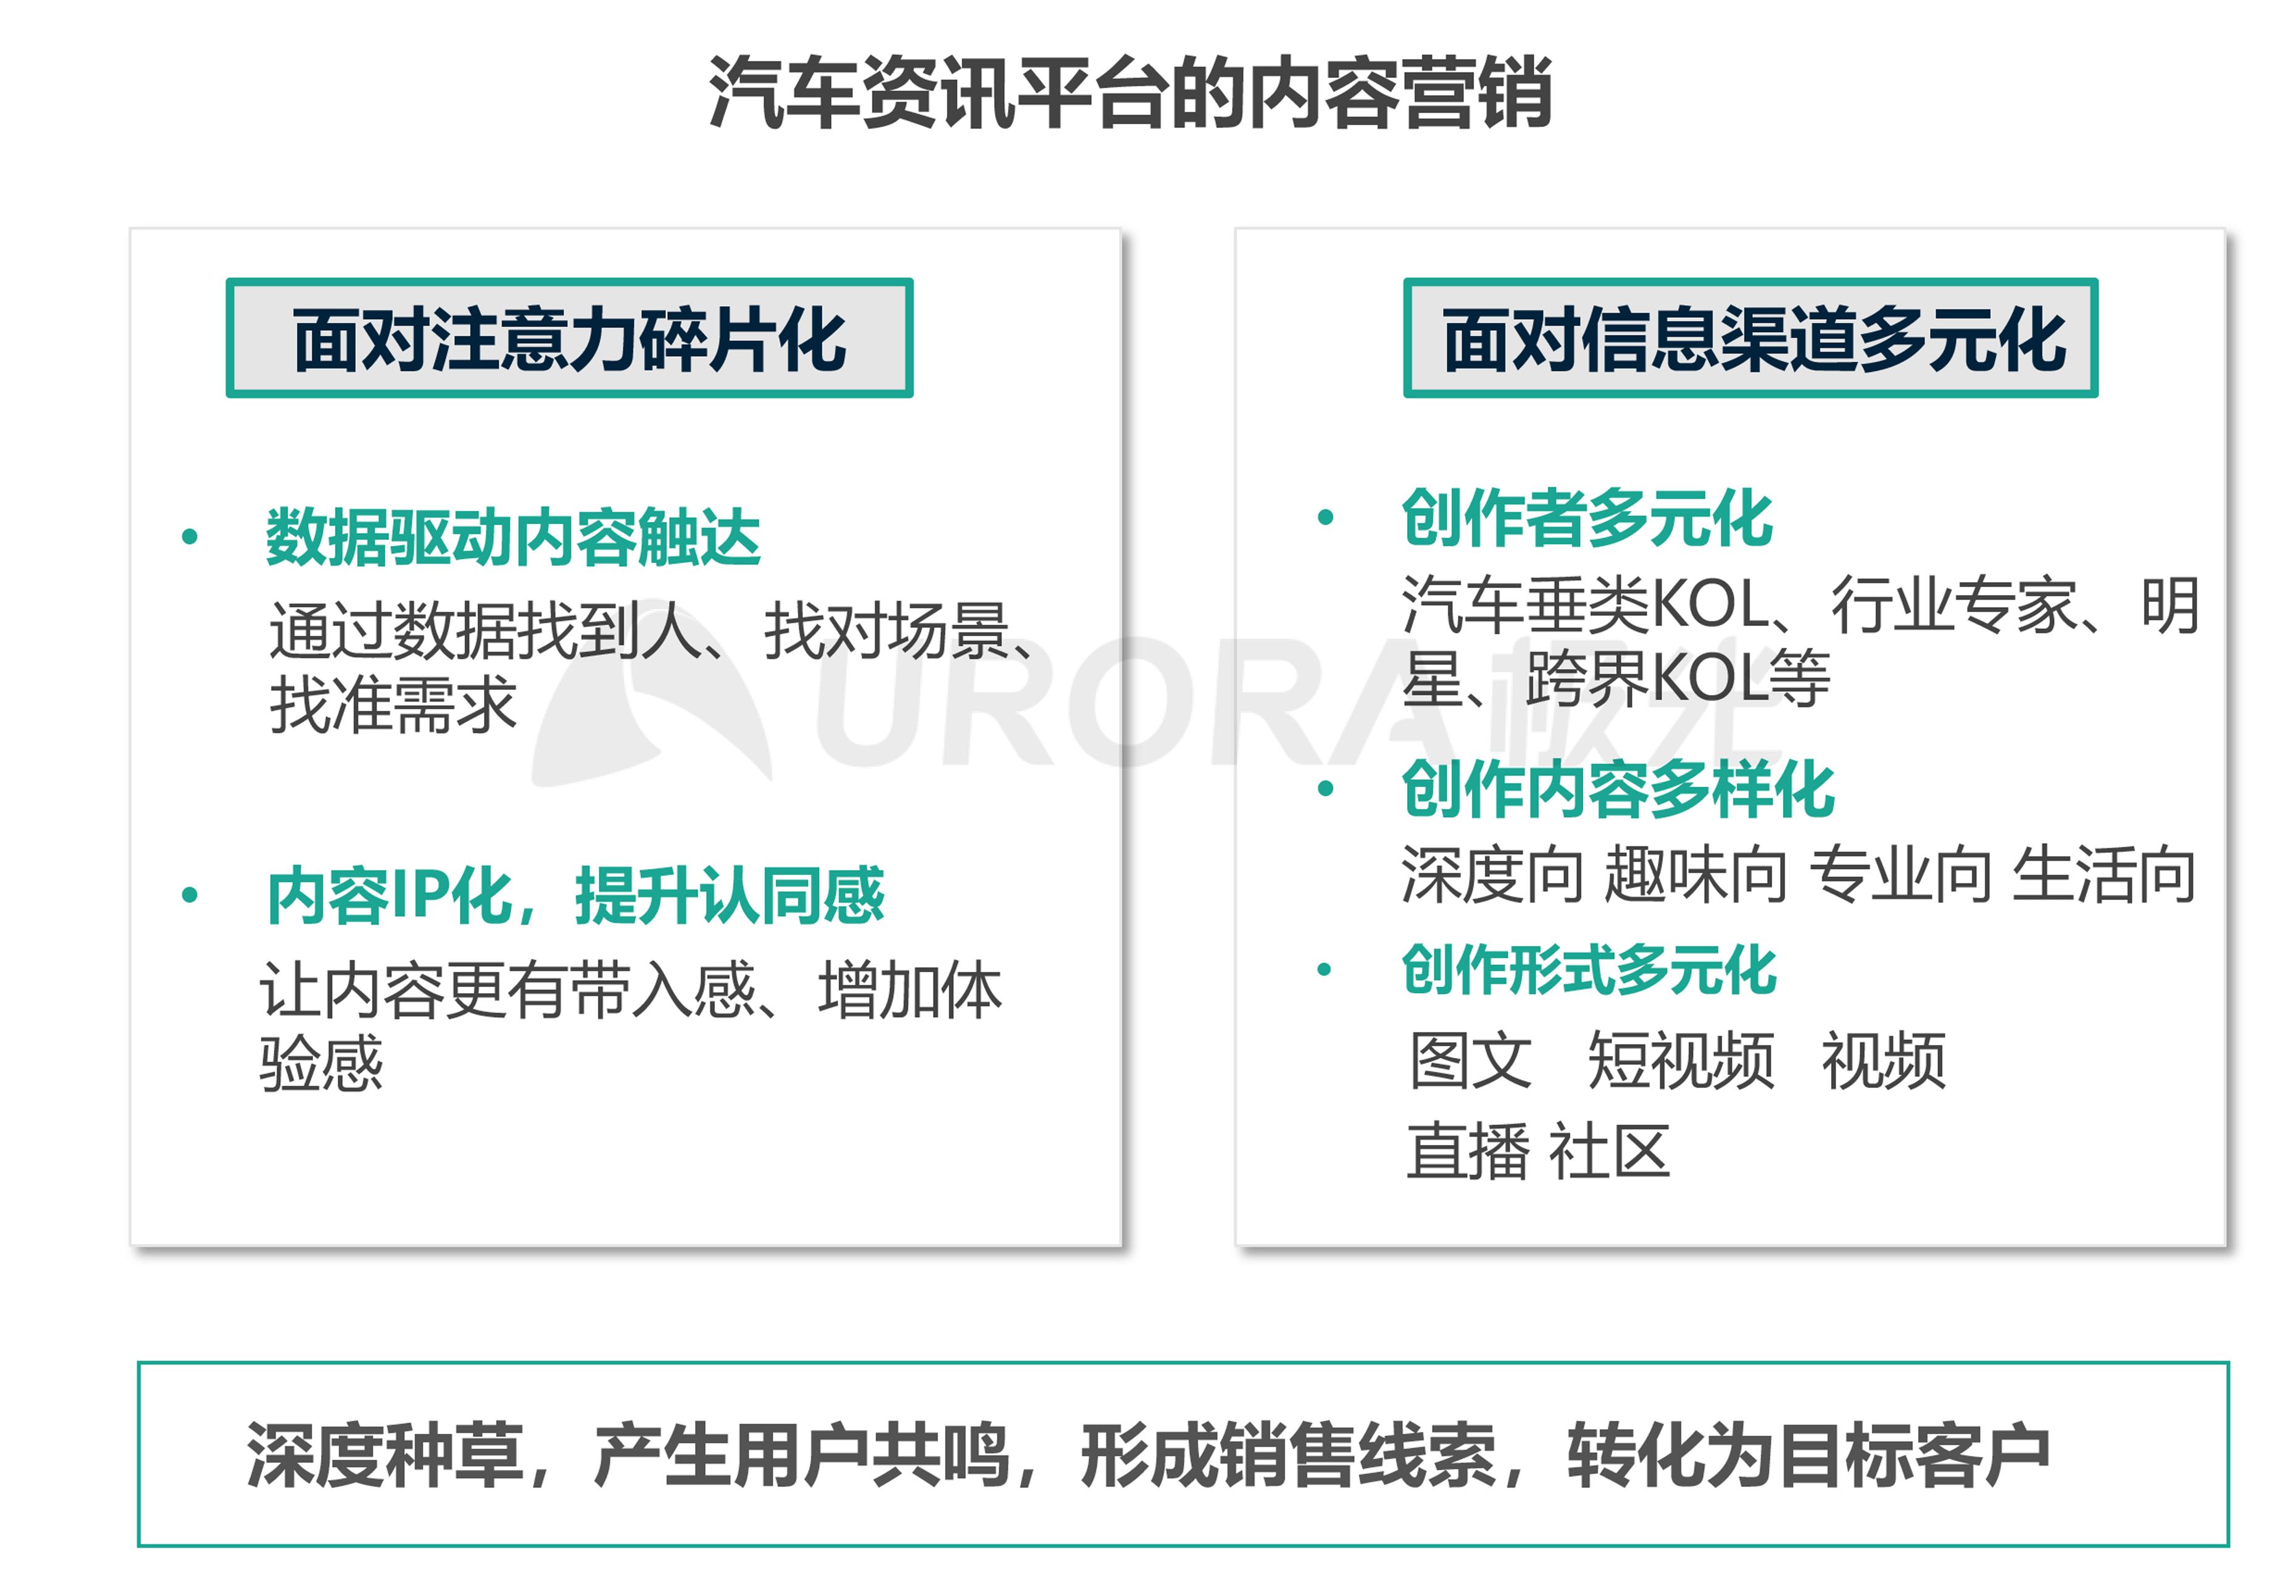 极光:汽车资讯行业洞察 (17).png